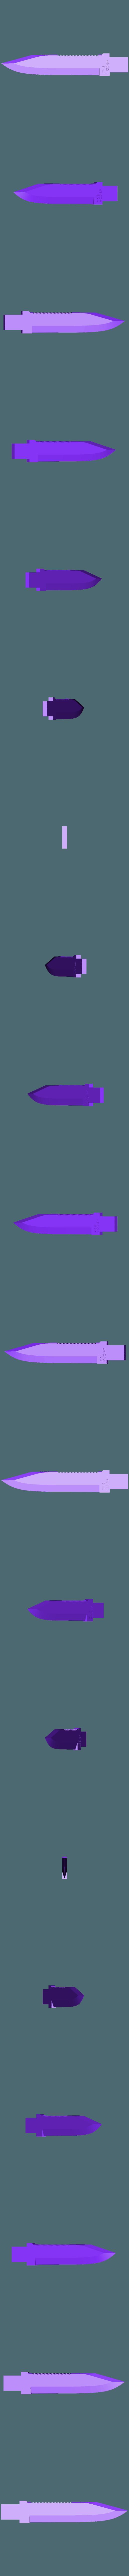 Blade.stl Télécharger fichier STL gratuit OKC MK3 Couteau Marine • Plan imprimable en 3D, Piggie